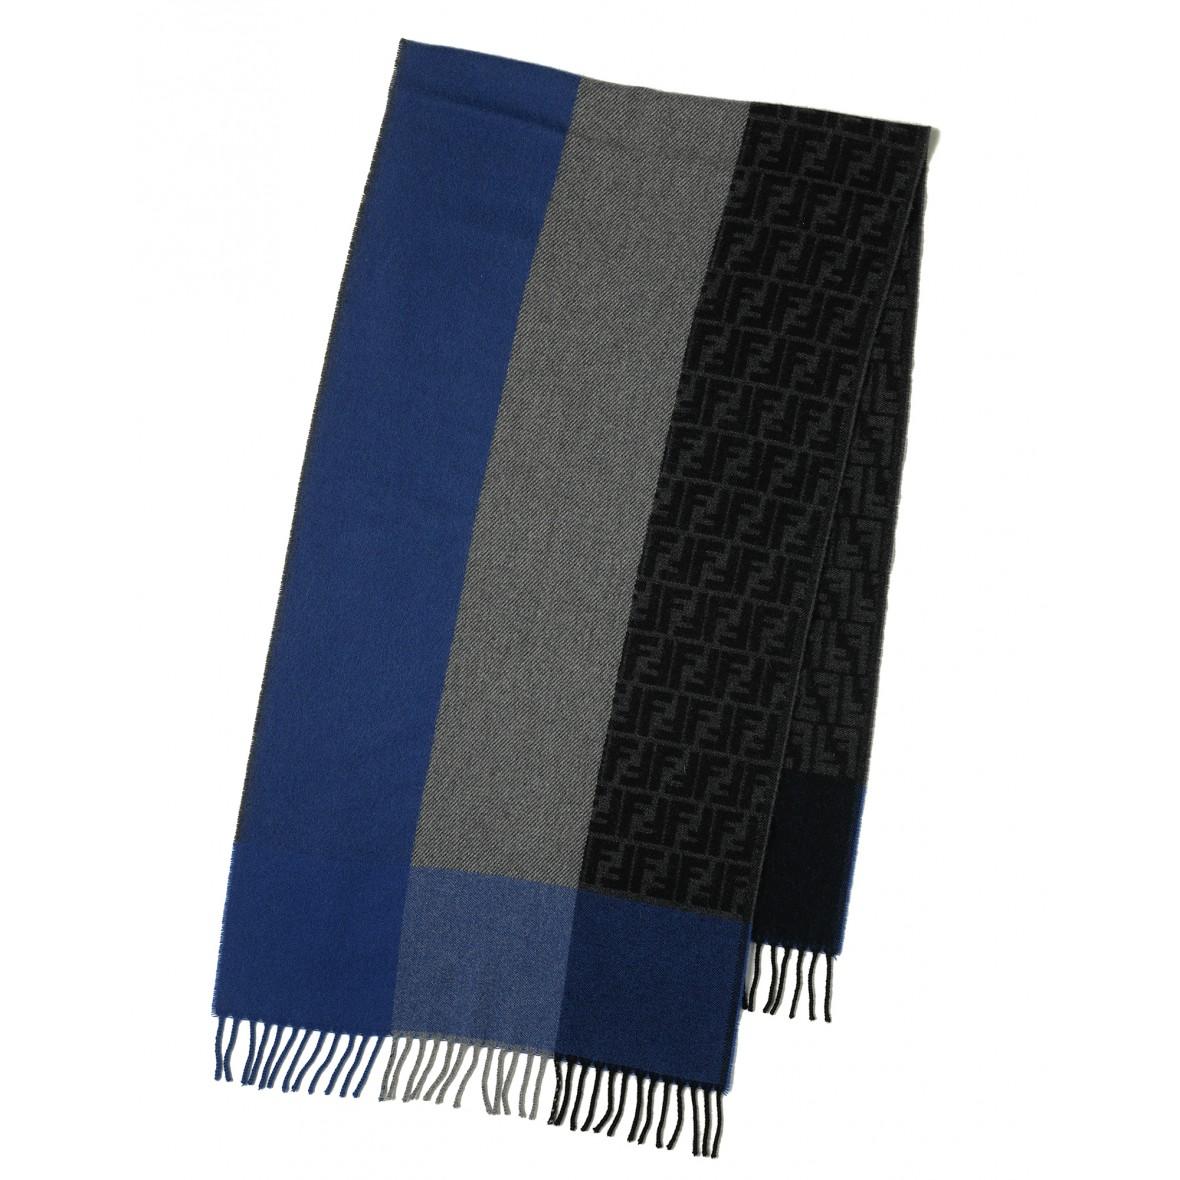 2019 authentisch zuverlässiger Ruf bester Platz Schal blau-grau